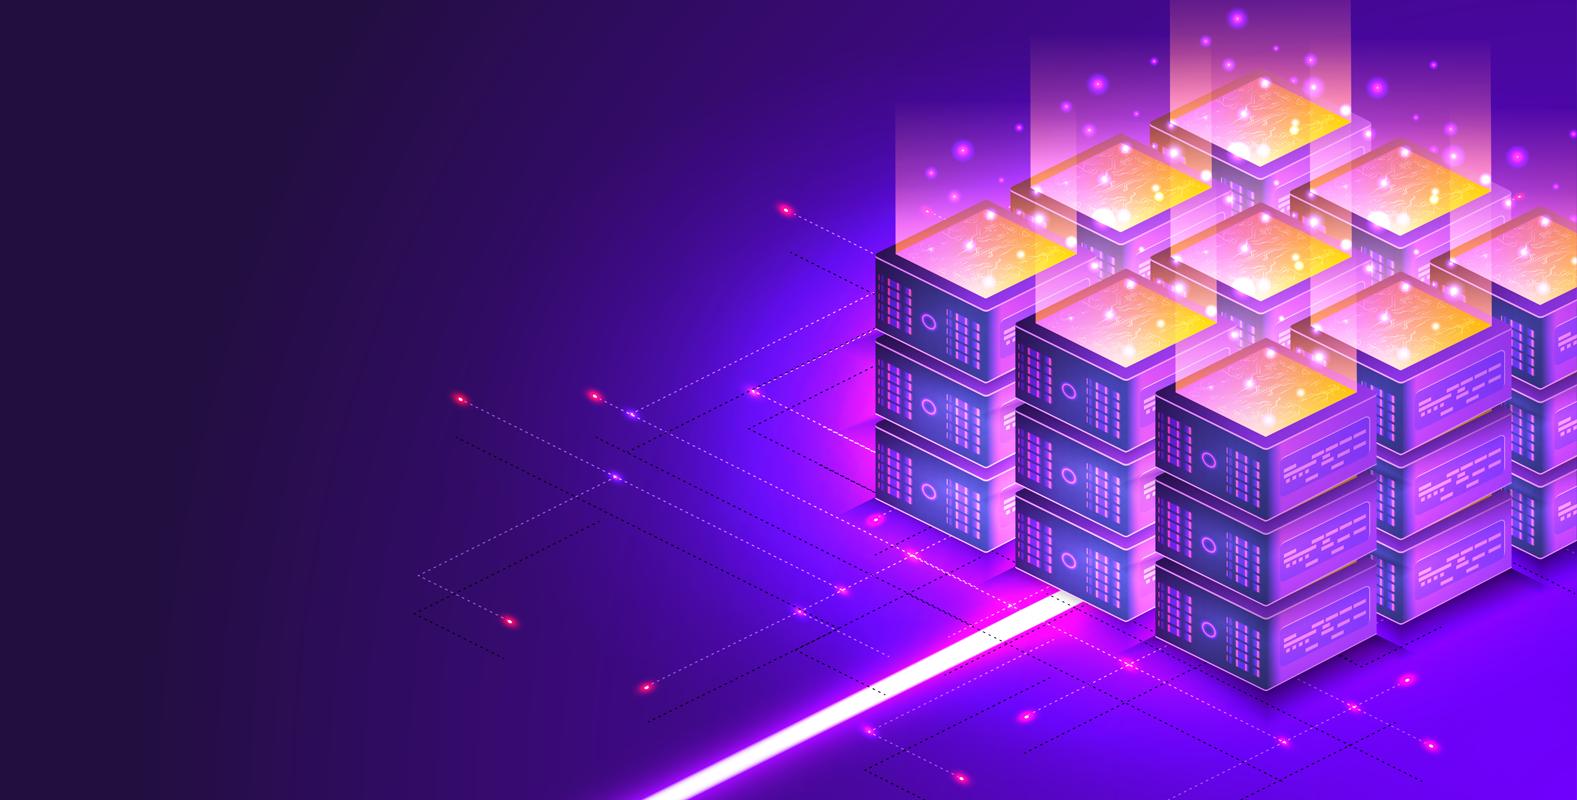 Тонкое резервирование файловых систем Linux. Как создавать рабочие копии трехтерабайтной СУБД MySQL за 20 секунд - 1